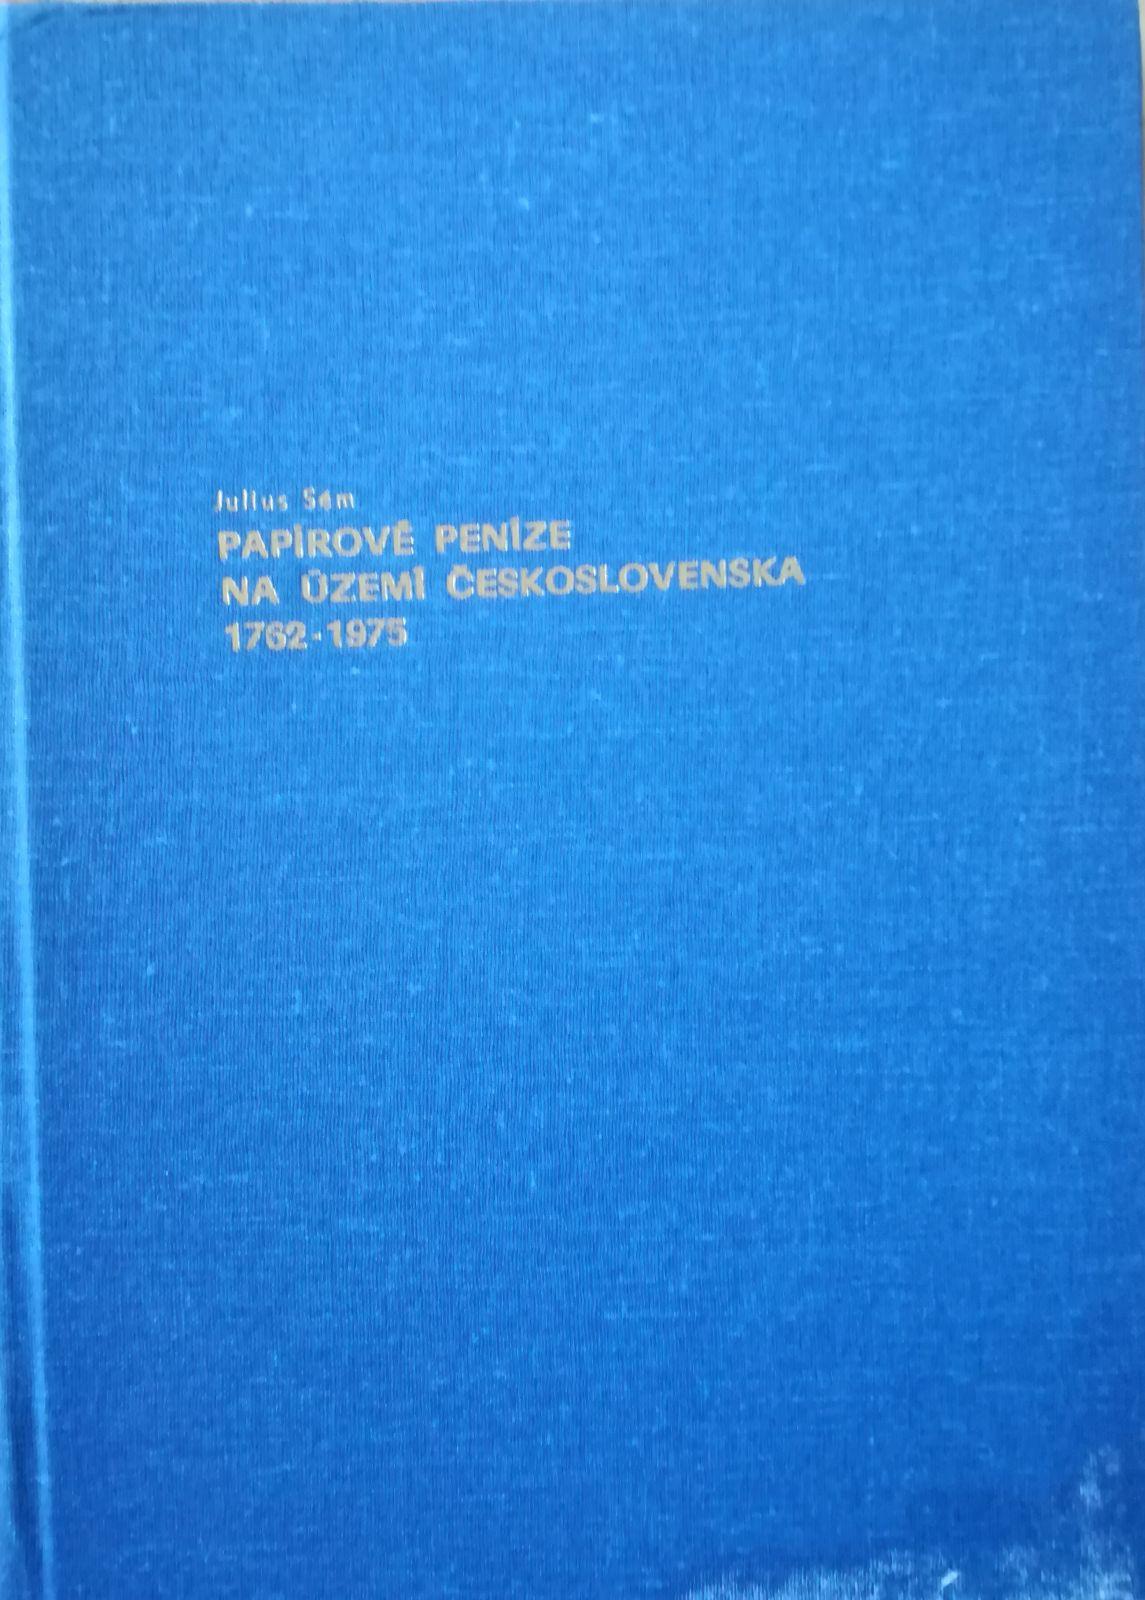 Papírové peníze na území Československa 1762-1975, Julius Sém (1977)